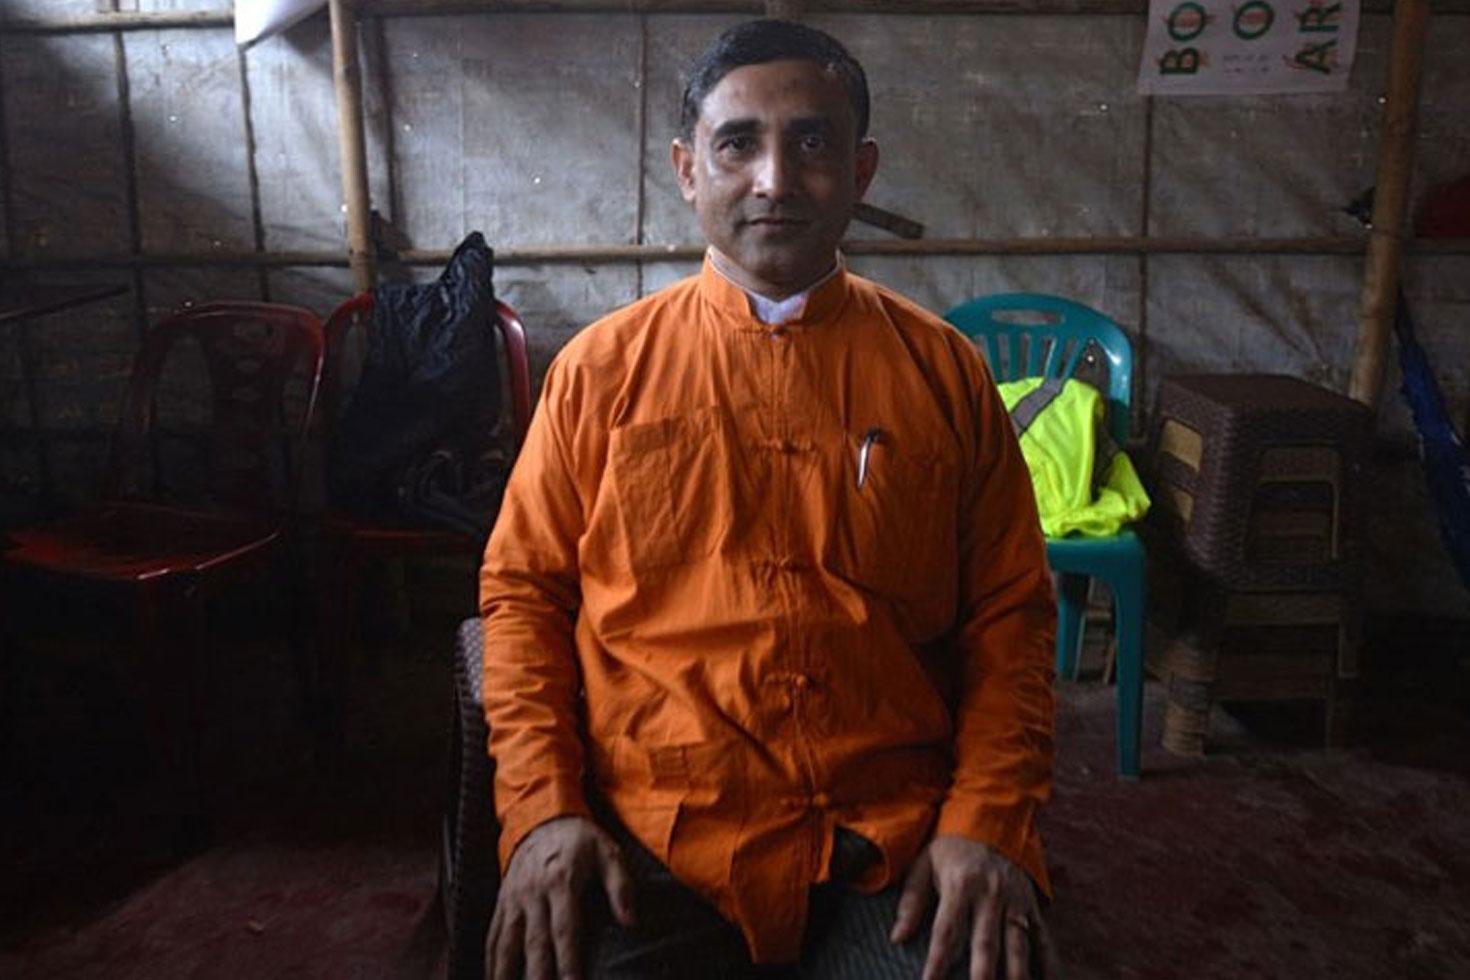 রোহিঙ্গা প্রত্যাবাসনে বাধা দিতে মুহিবুল্লাহ হত্যা: পুলিশ